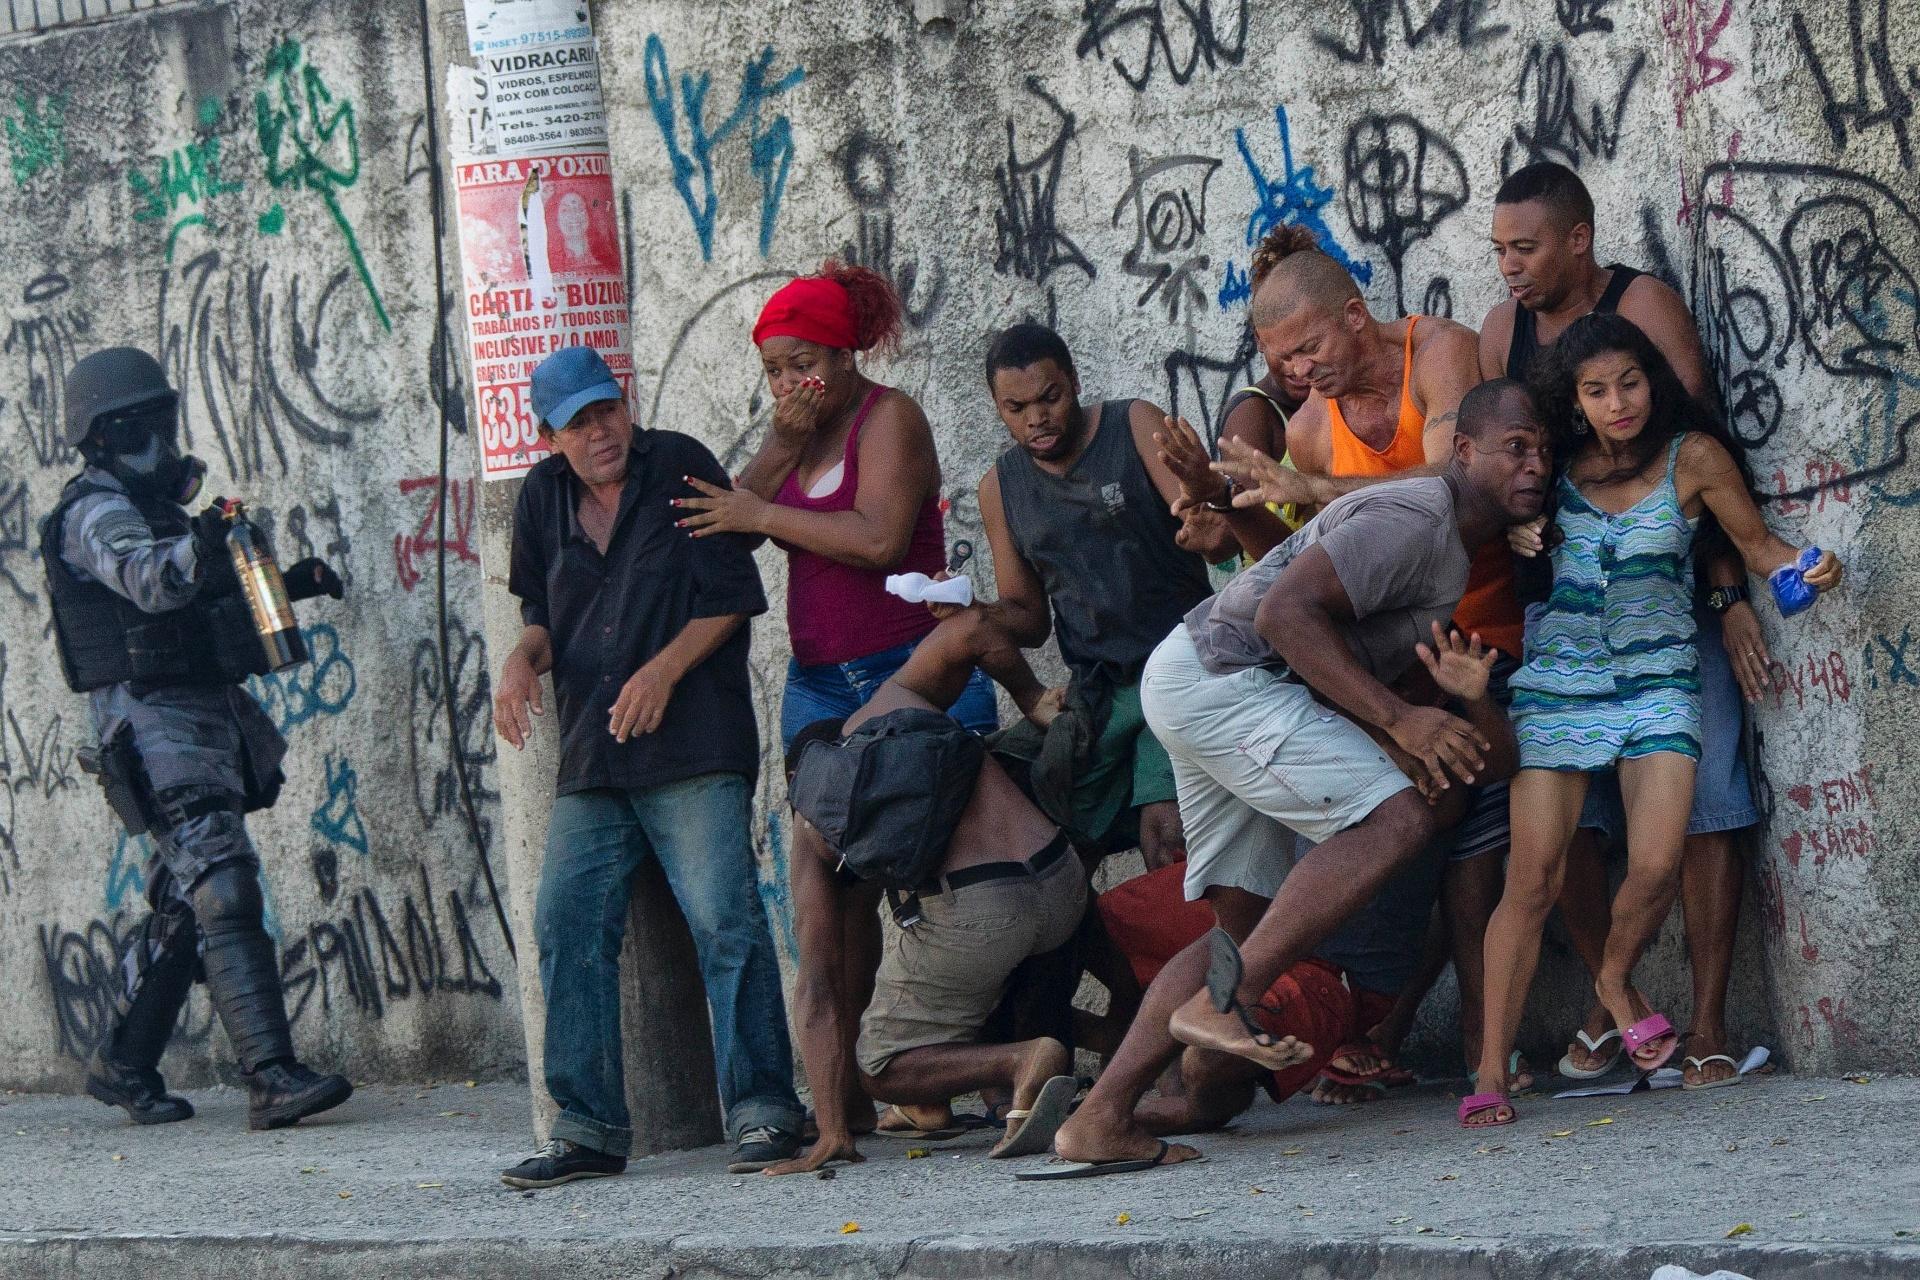 28.mar.2016 - Manifestantes correm de policial em Madureira, zona norte do Rio de Janeiro. Ao menos cem moradores do Morro do Cajueiro protestam pela morte de Ryan Gabriel, de 4 anos. O menino foi atingido por uma bala no peito em um tiroteio entre traficantes de facções rivais no domingo (27). Durante o protesto, os moradores também fecharam os dois sentidos da avenida Ministro Edgard Romero, e incendiaram dois ônibus e uma estação dos ônibus do BRT